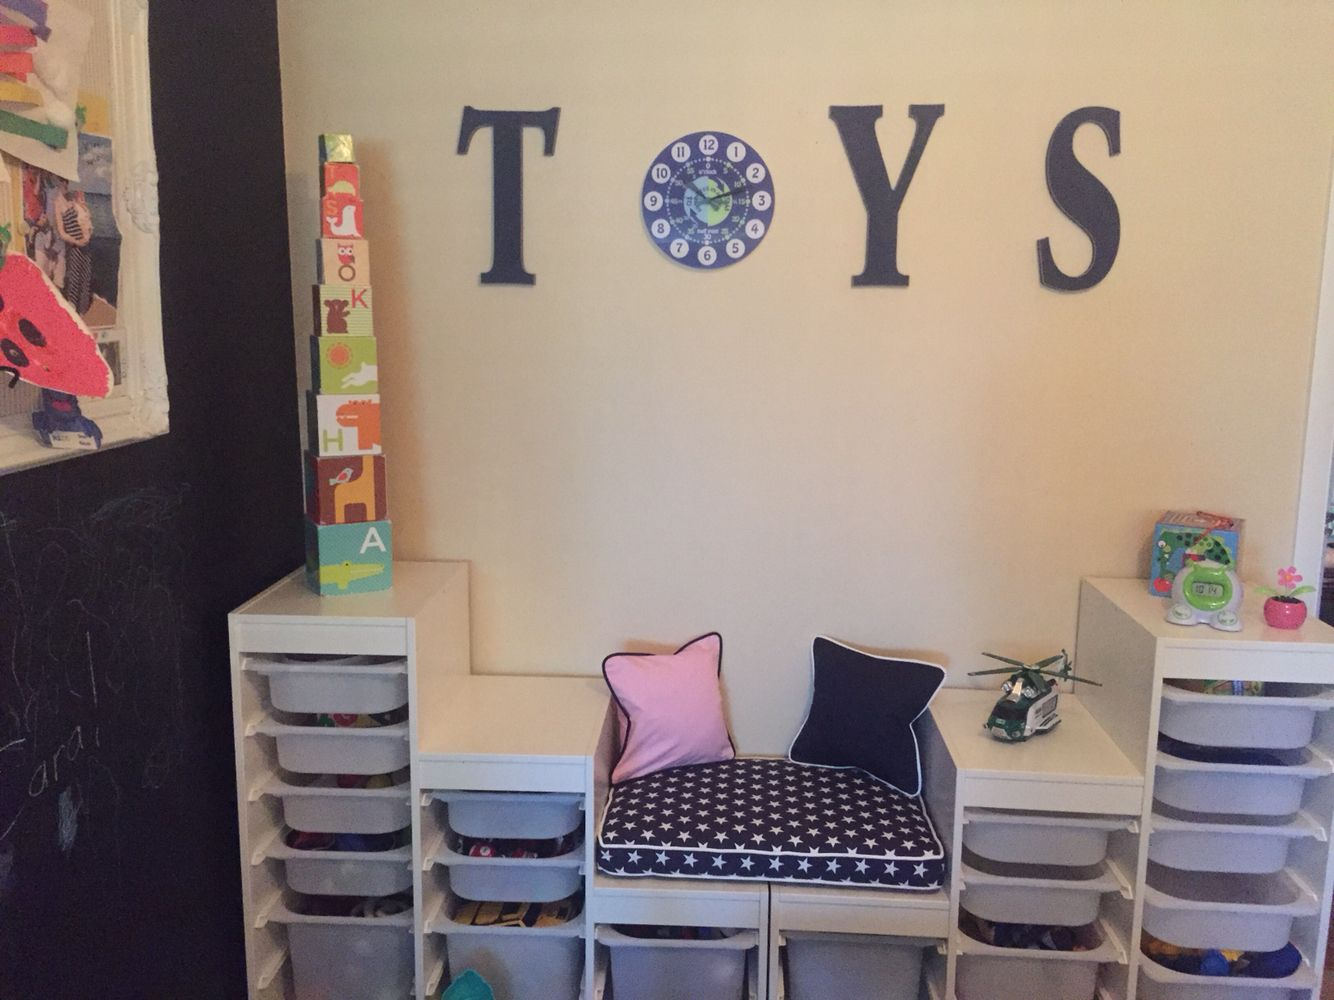 IKEA Trofast and I created toy storage